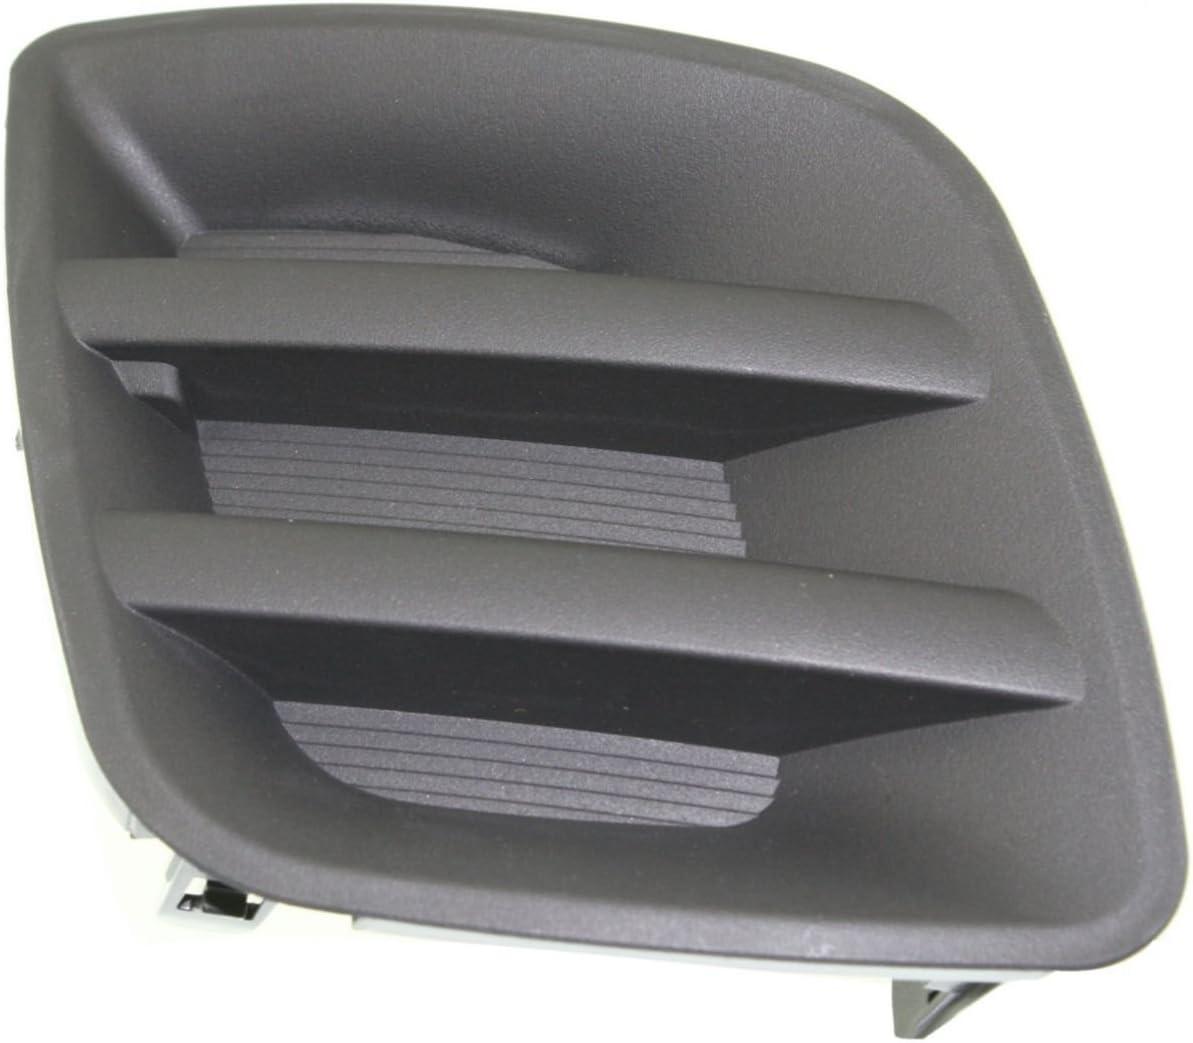 New TO1039127 Front Passenger Side Fog Light Cover for Toyota RAV4 2009-2012